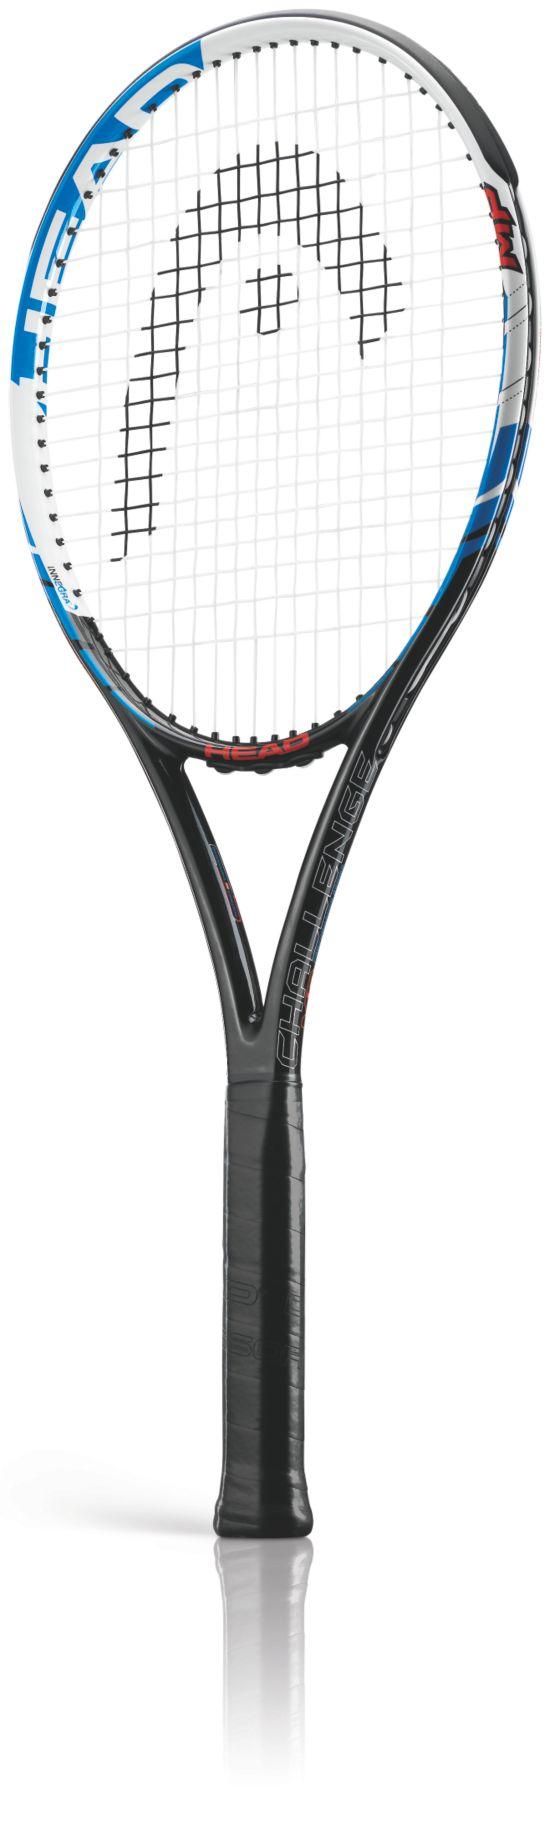 Youtek IG Challenge MP Tennisracket